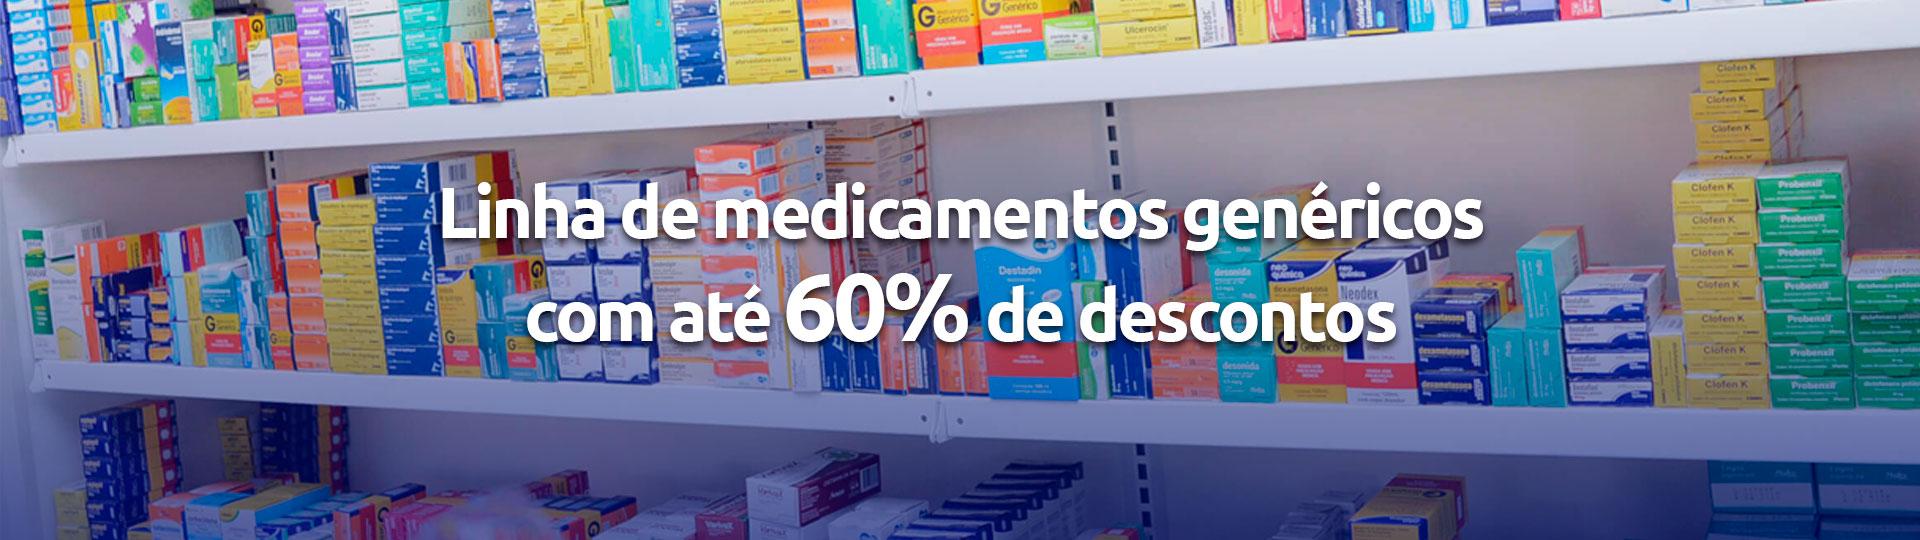 03 - Medicamentos genéricos com 60% de desconto